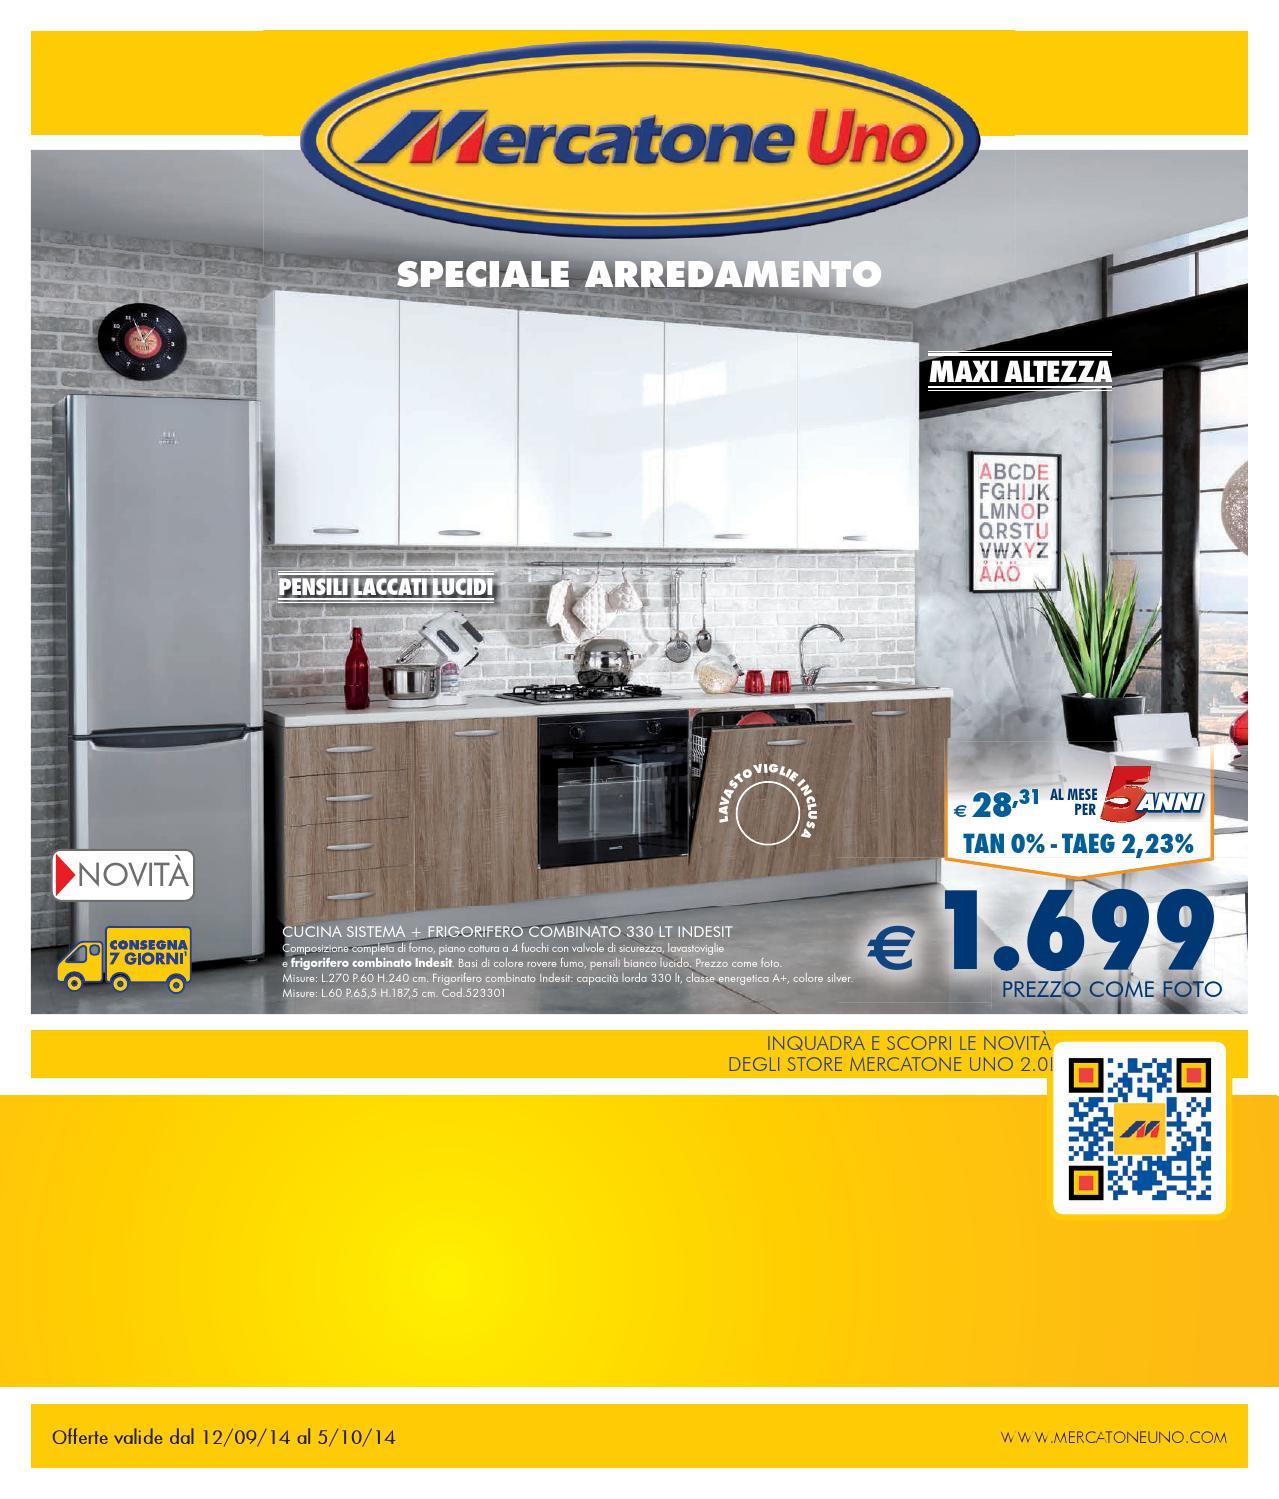 Carrello Cucina Mercatone Uno | madgeweb.com idee di interior design